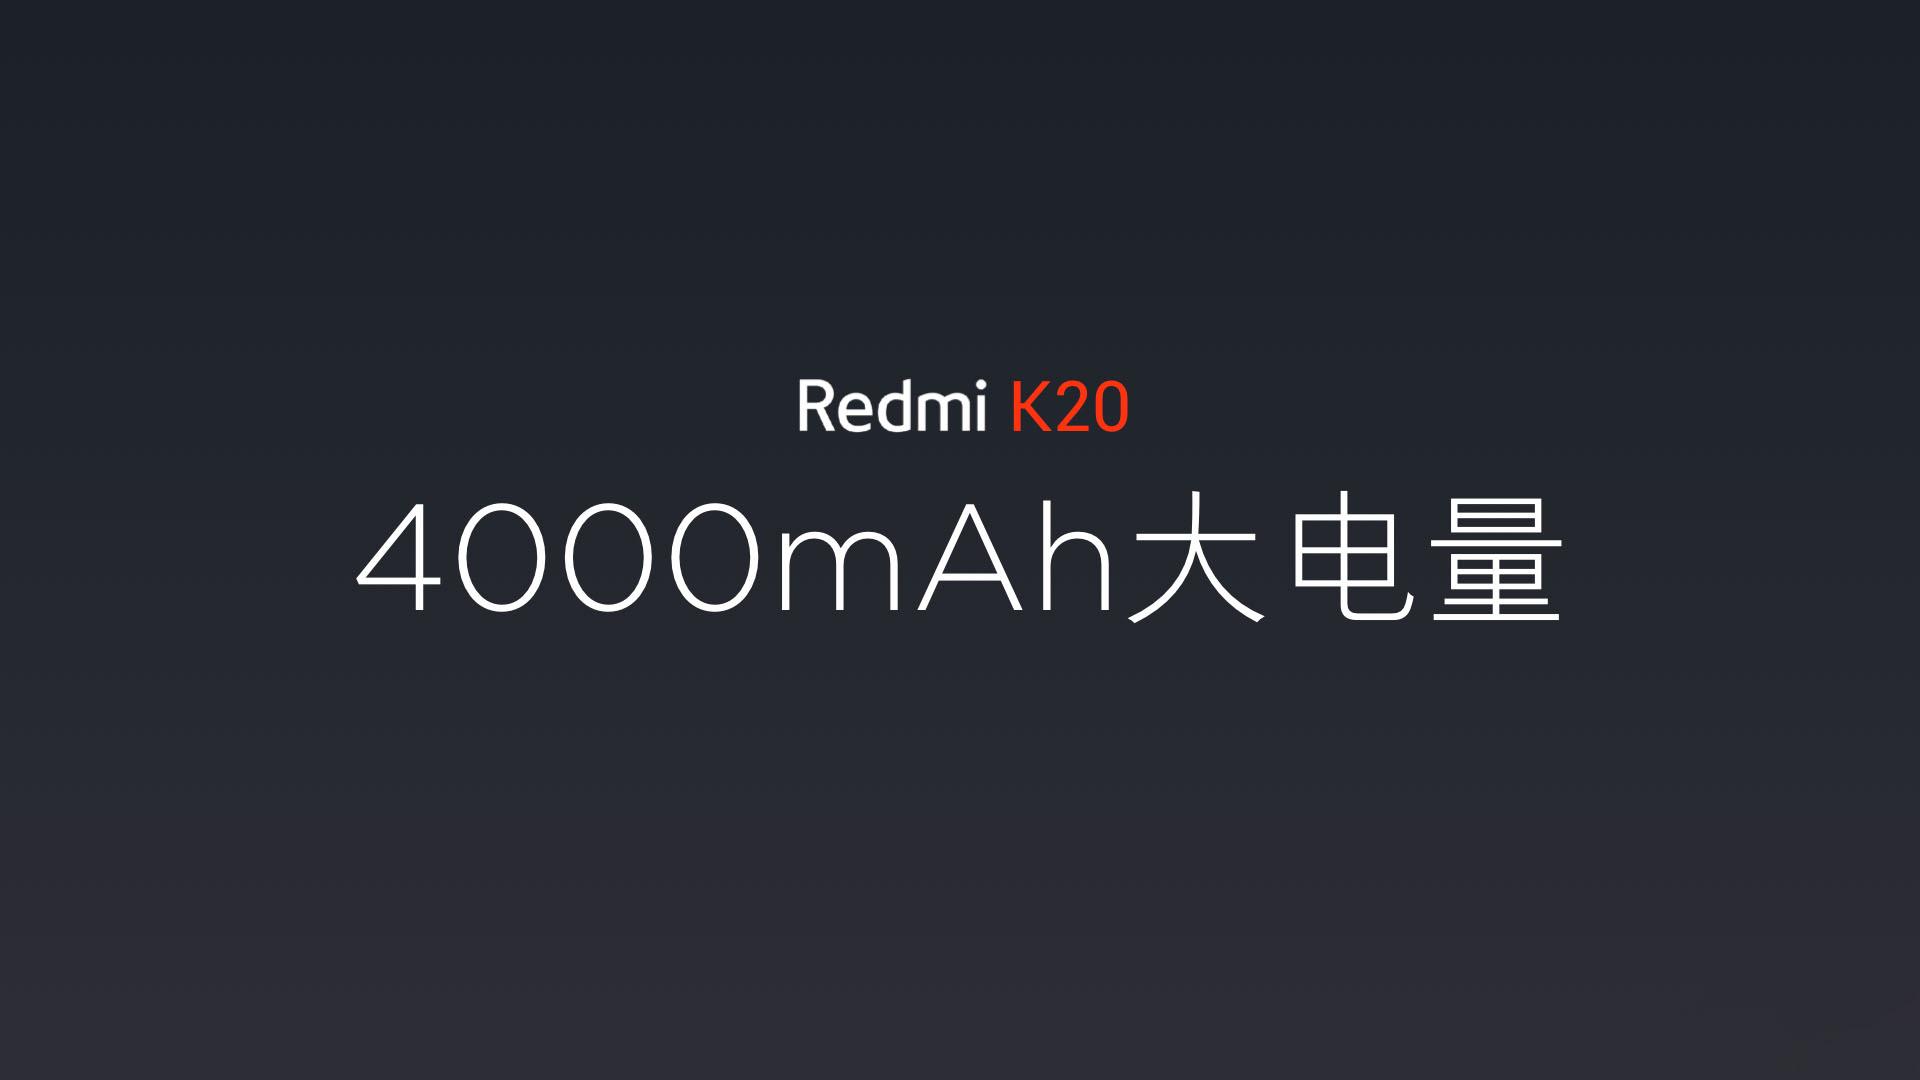 荣耀20发布前夕卢伟冰修改K20发布会PPT,网友:学友商重新定价吗?